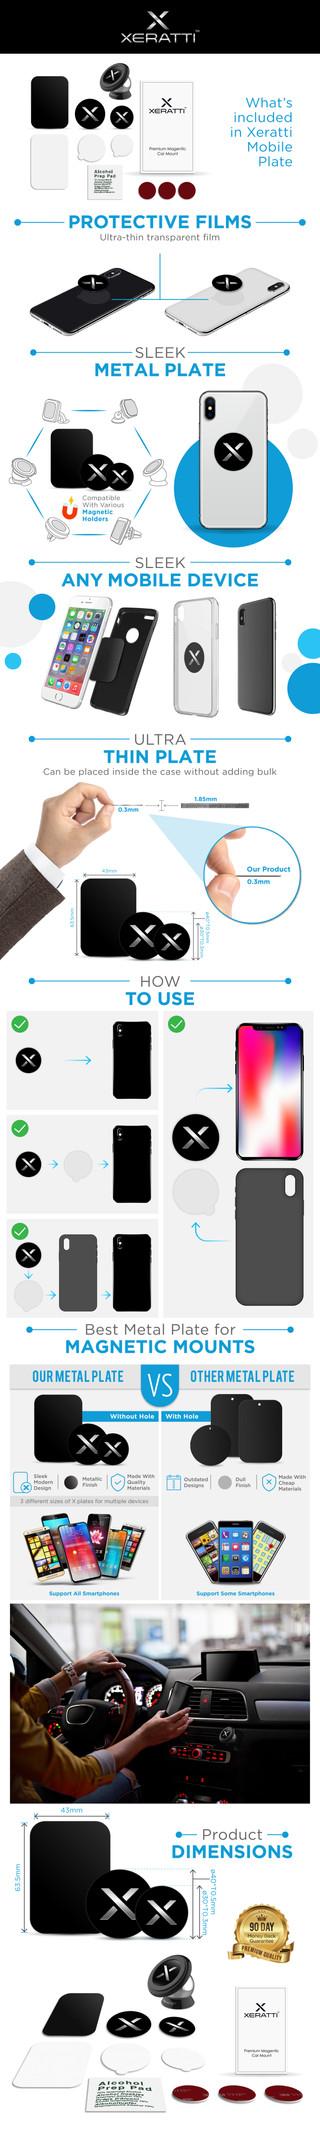 Xeratti Mobile Plate Amazon Enhanced Brand